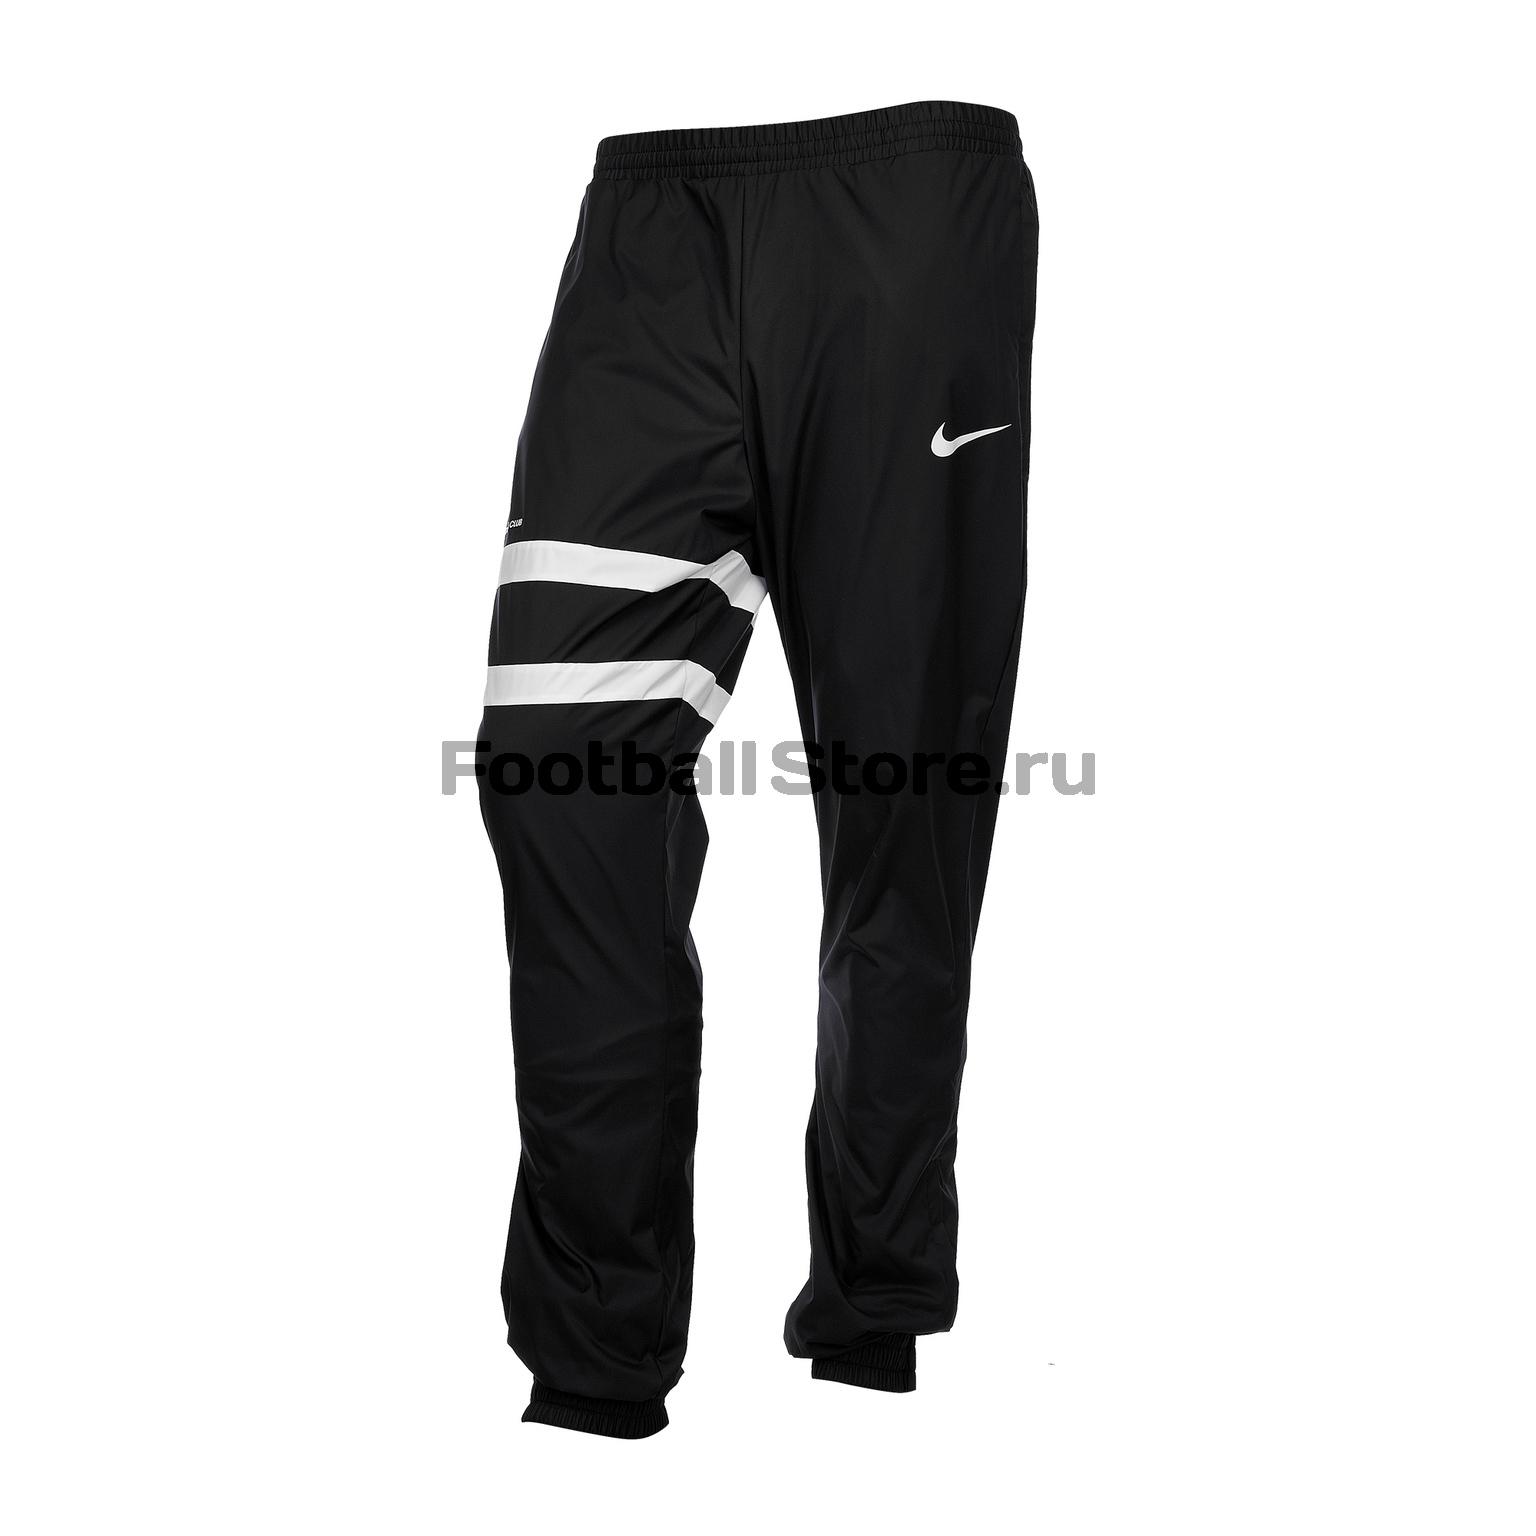 Брюки тренировочные Nike F.C. Pant AQ1277-010 подушка farla care v97 подушка для беременных и кормления комфорель